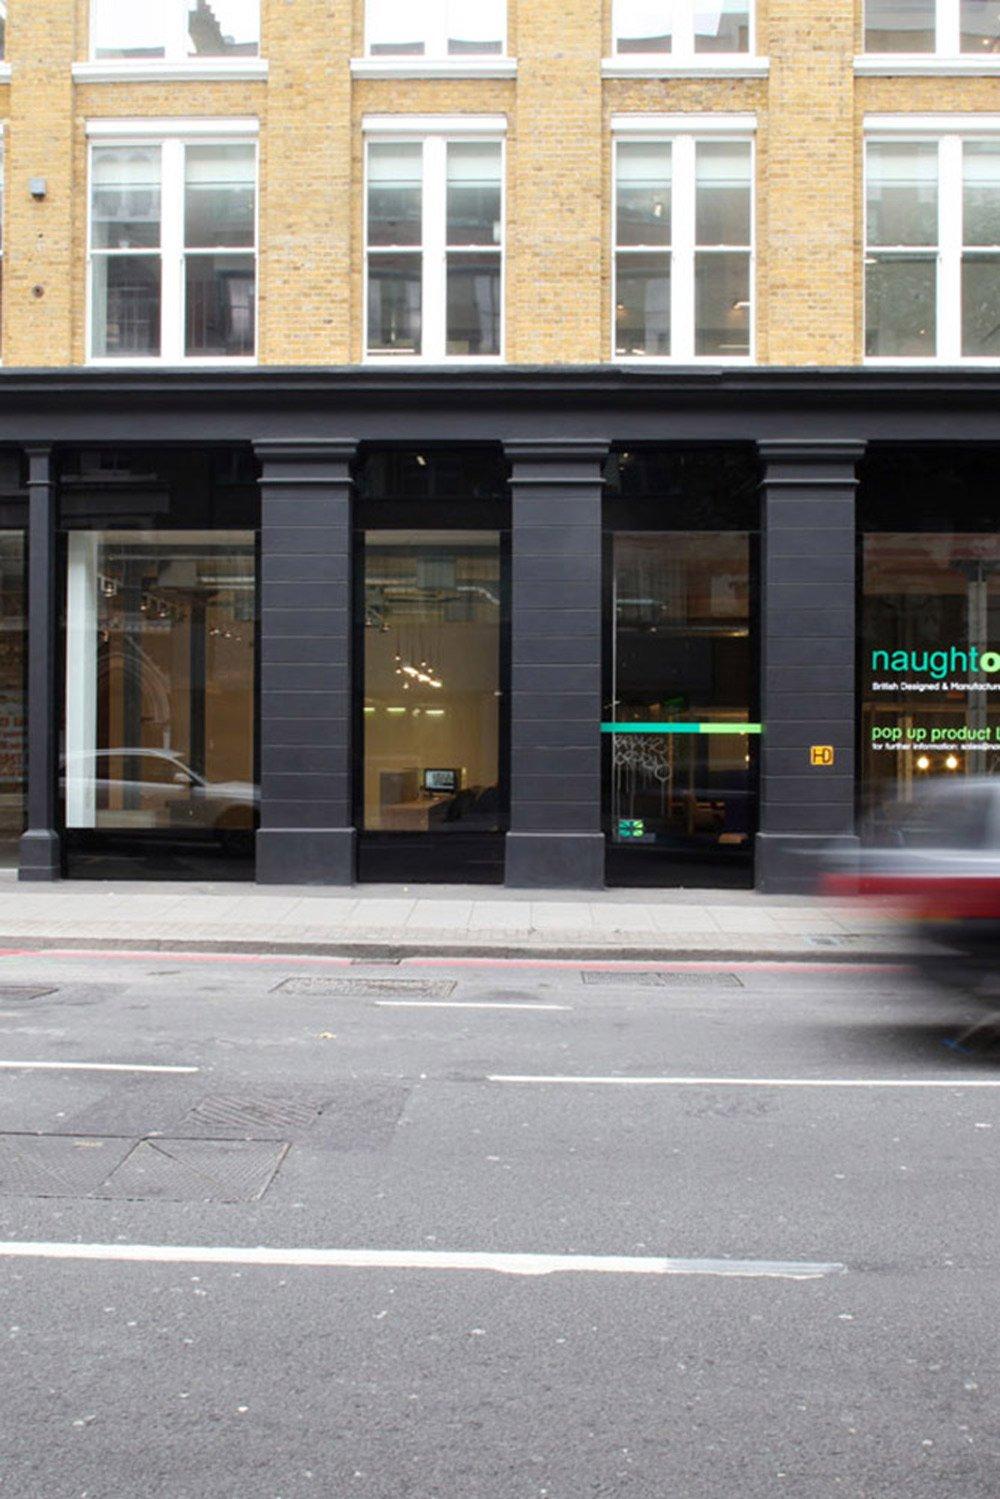 victorian-shoreditch - Architecture and Design